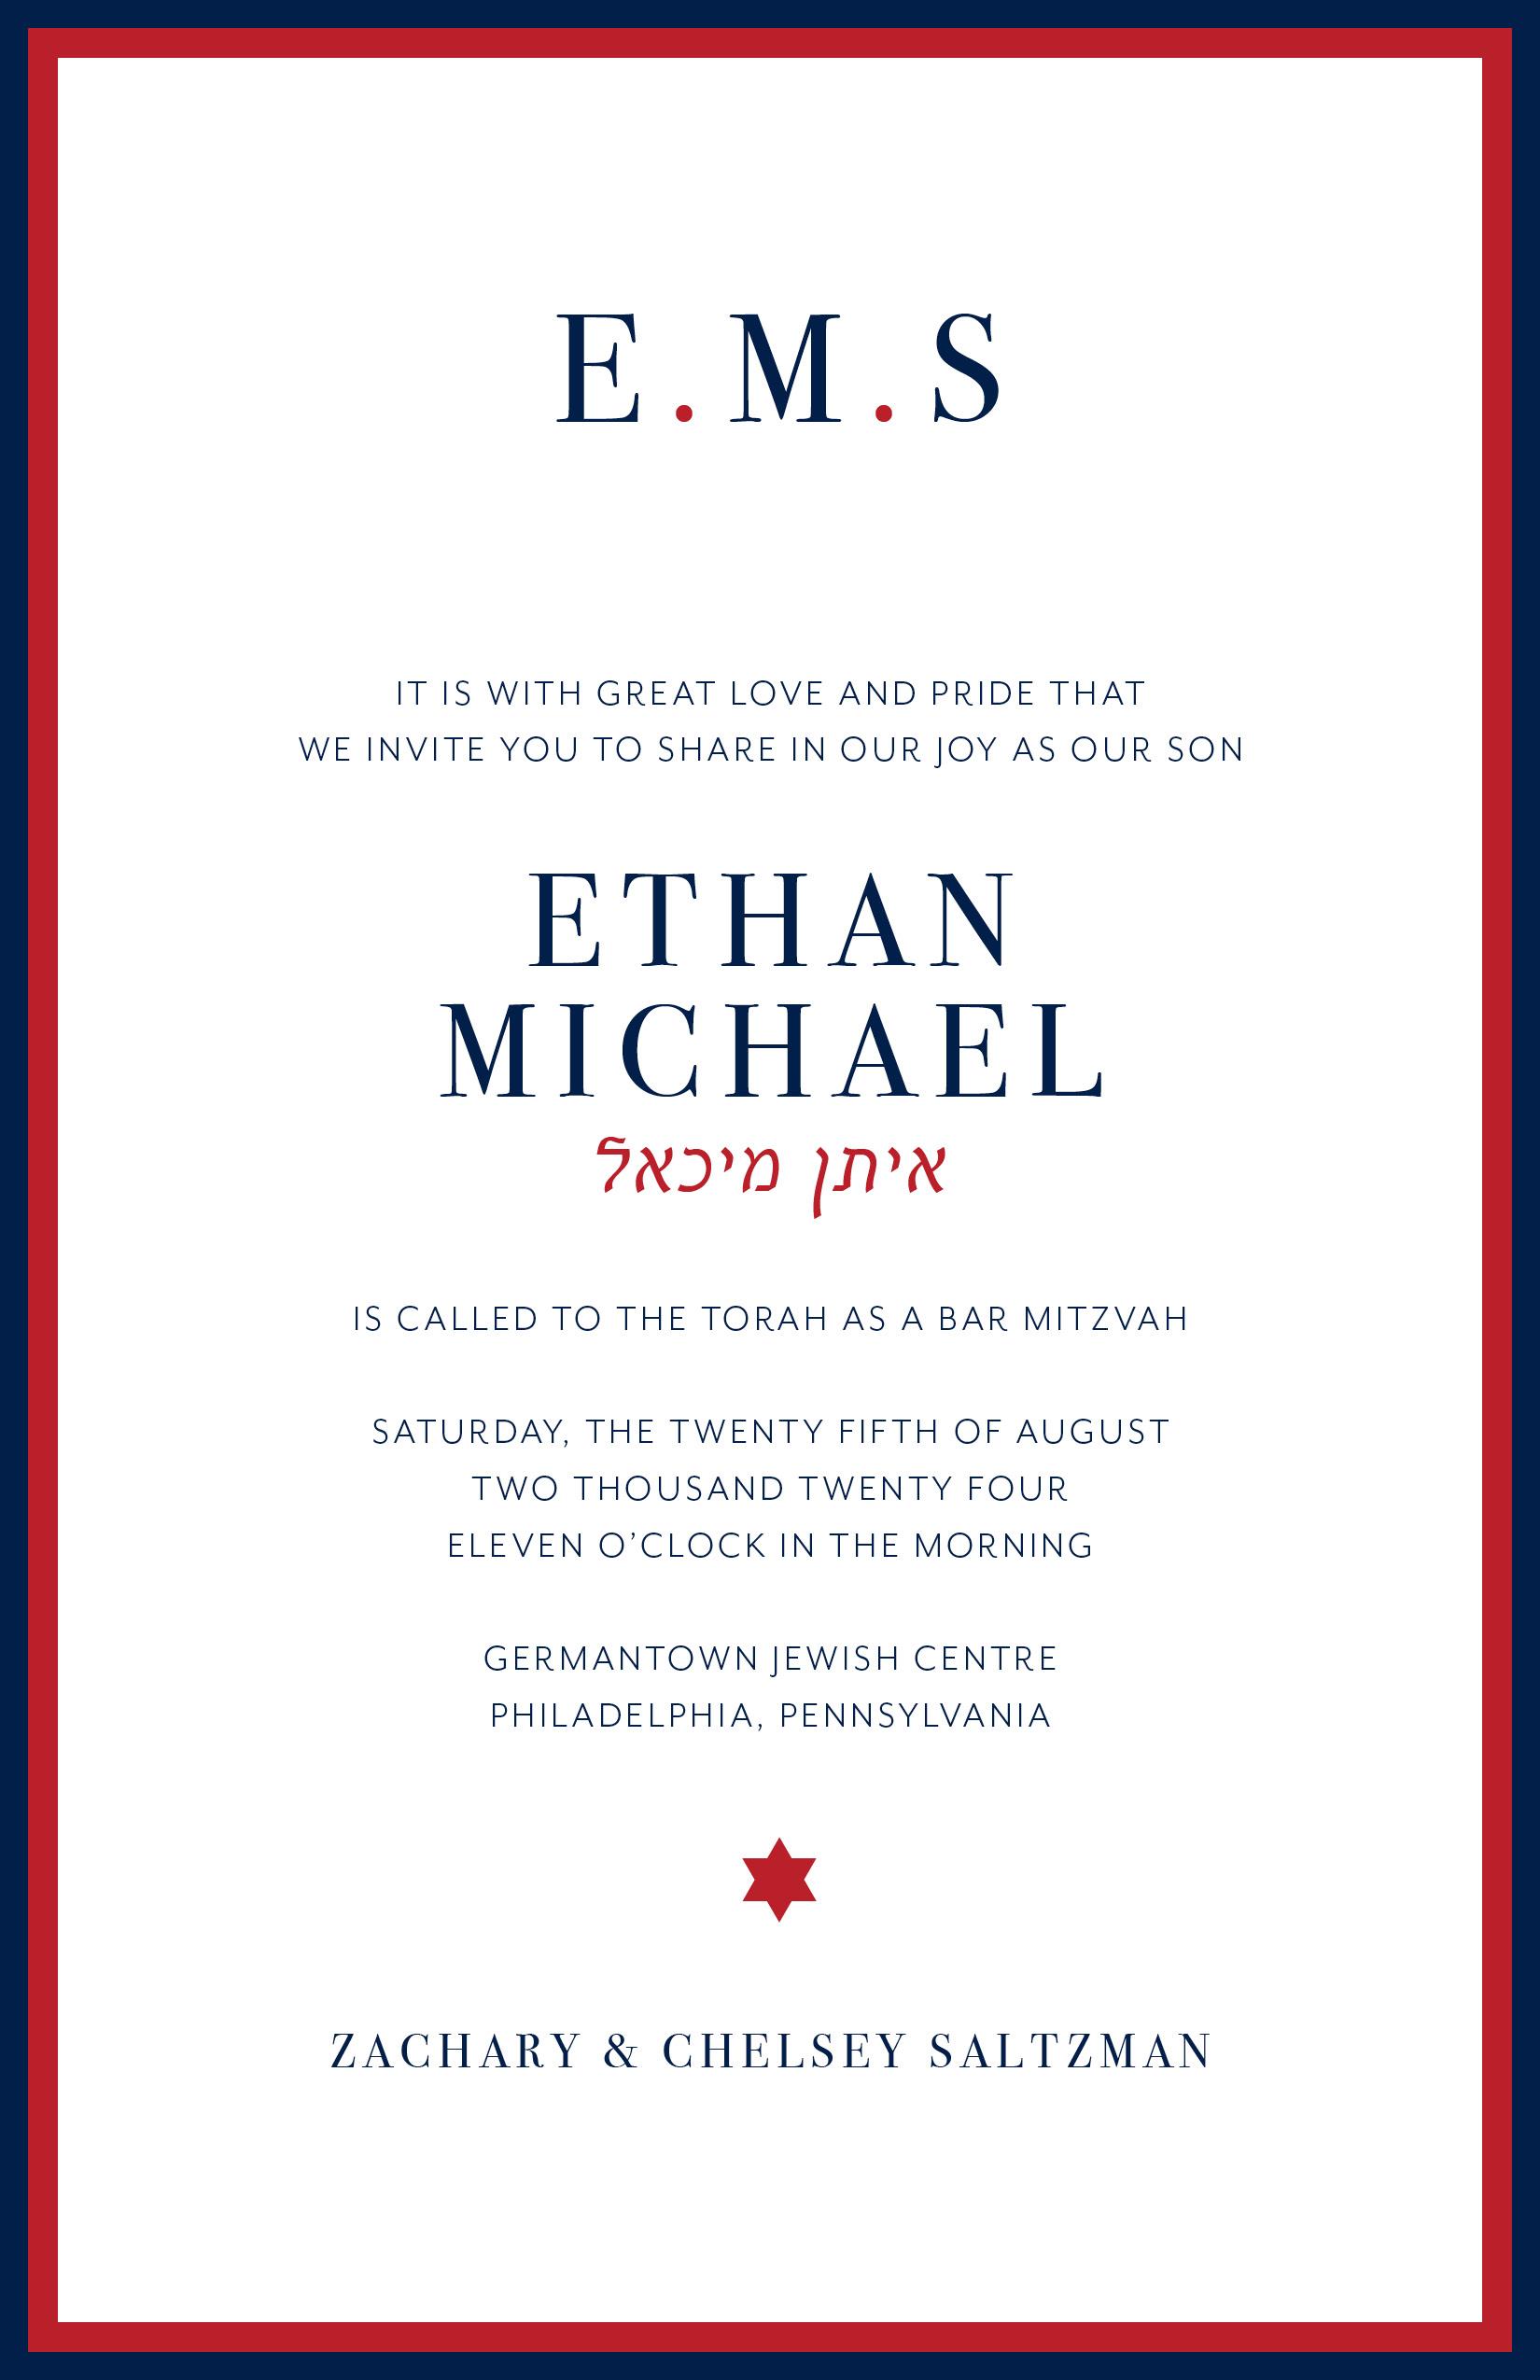 KDSM8215LIN Ethan Micheal